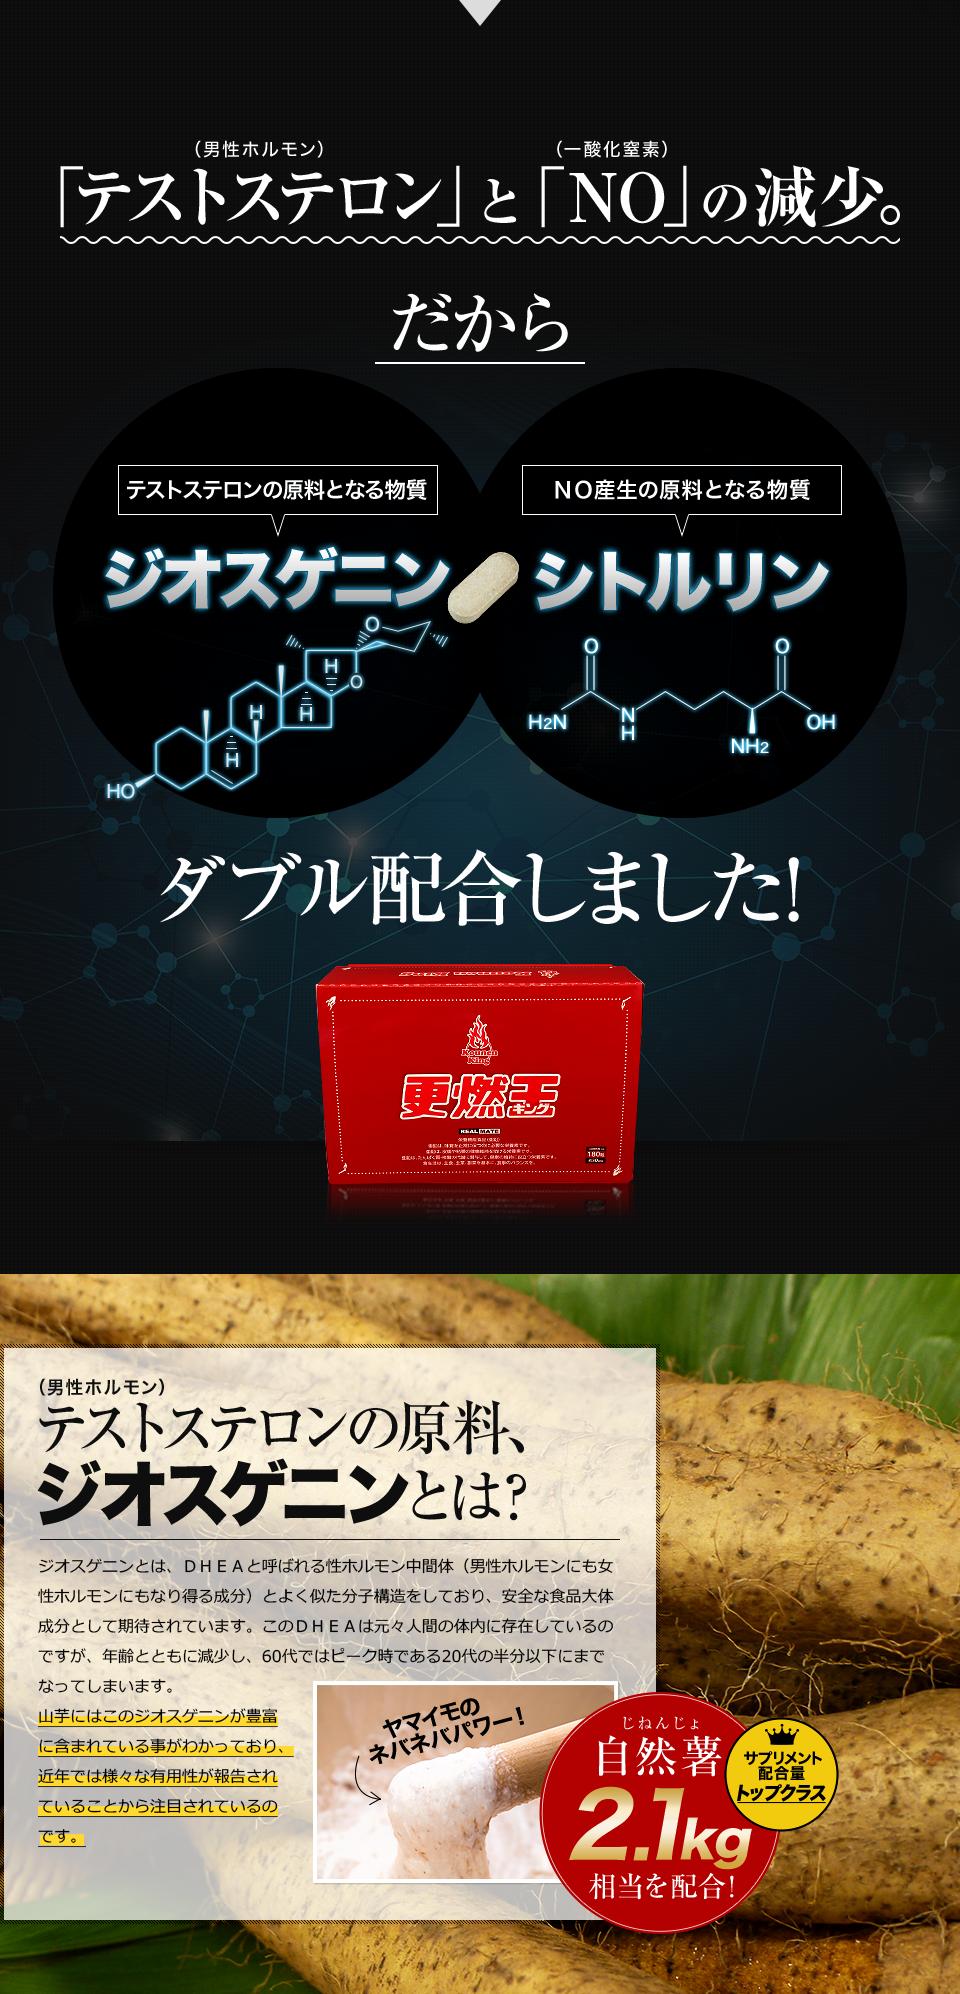 更燃王(コウネンキング)にはテストステロン(ジオスゲニンから抽出)とNO(一酸化窒素)を効率よくダブル配合しました。